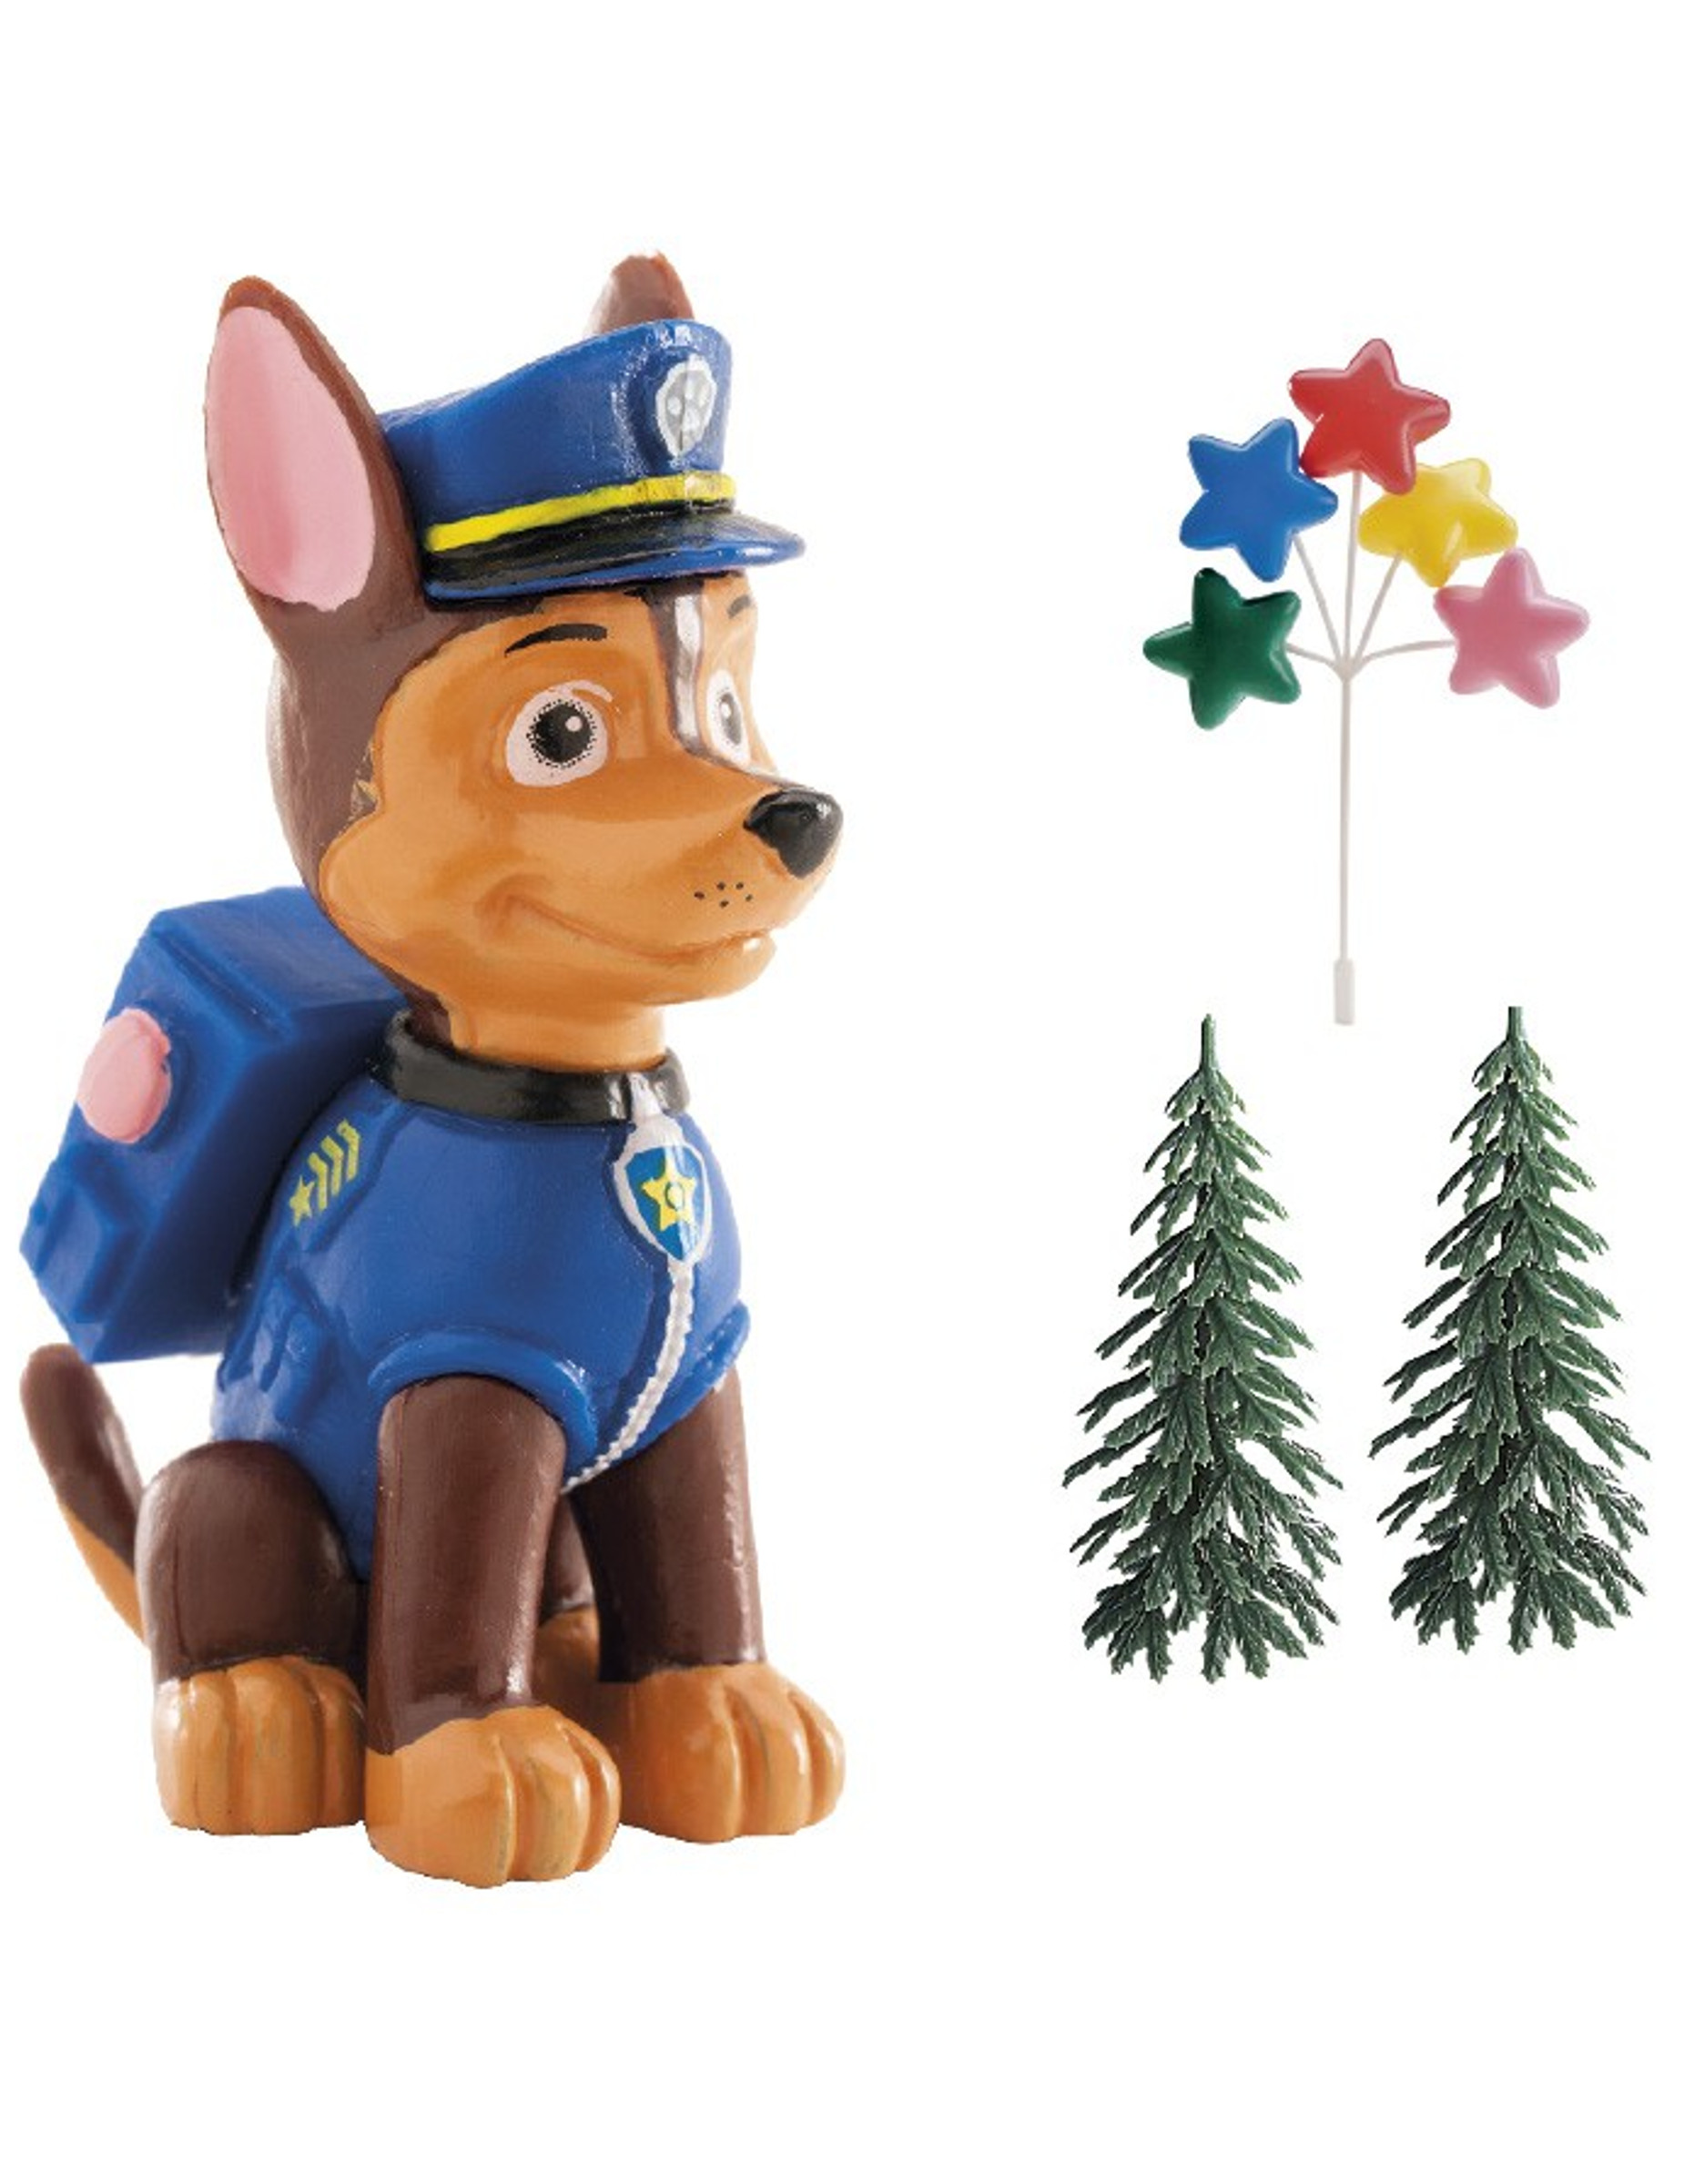 paw patrol taart decoratie Taart decoratie set Paw Patrol™ Chase: Decoratie,en goedkope  paw patrol taart decoratie